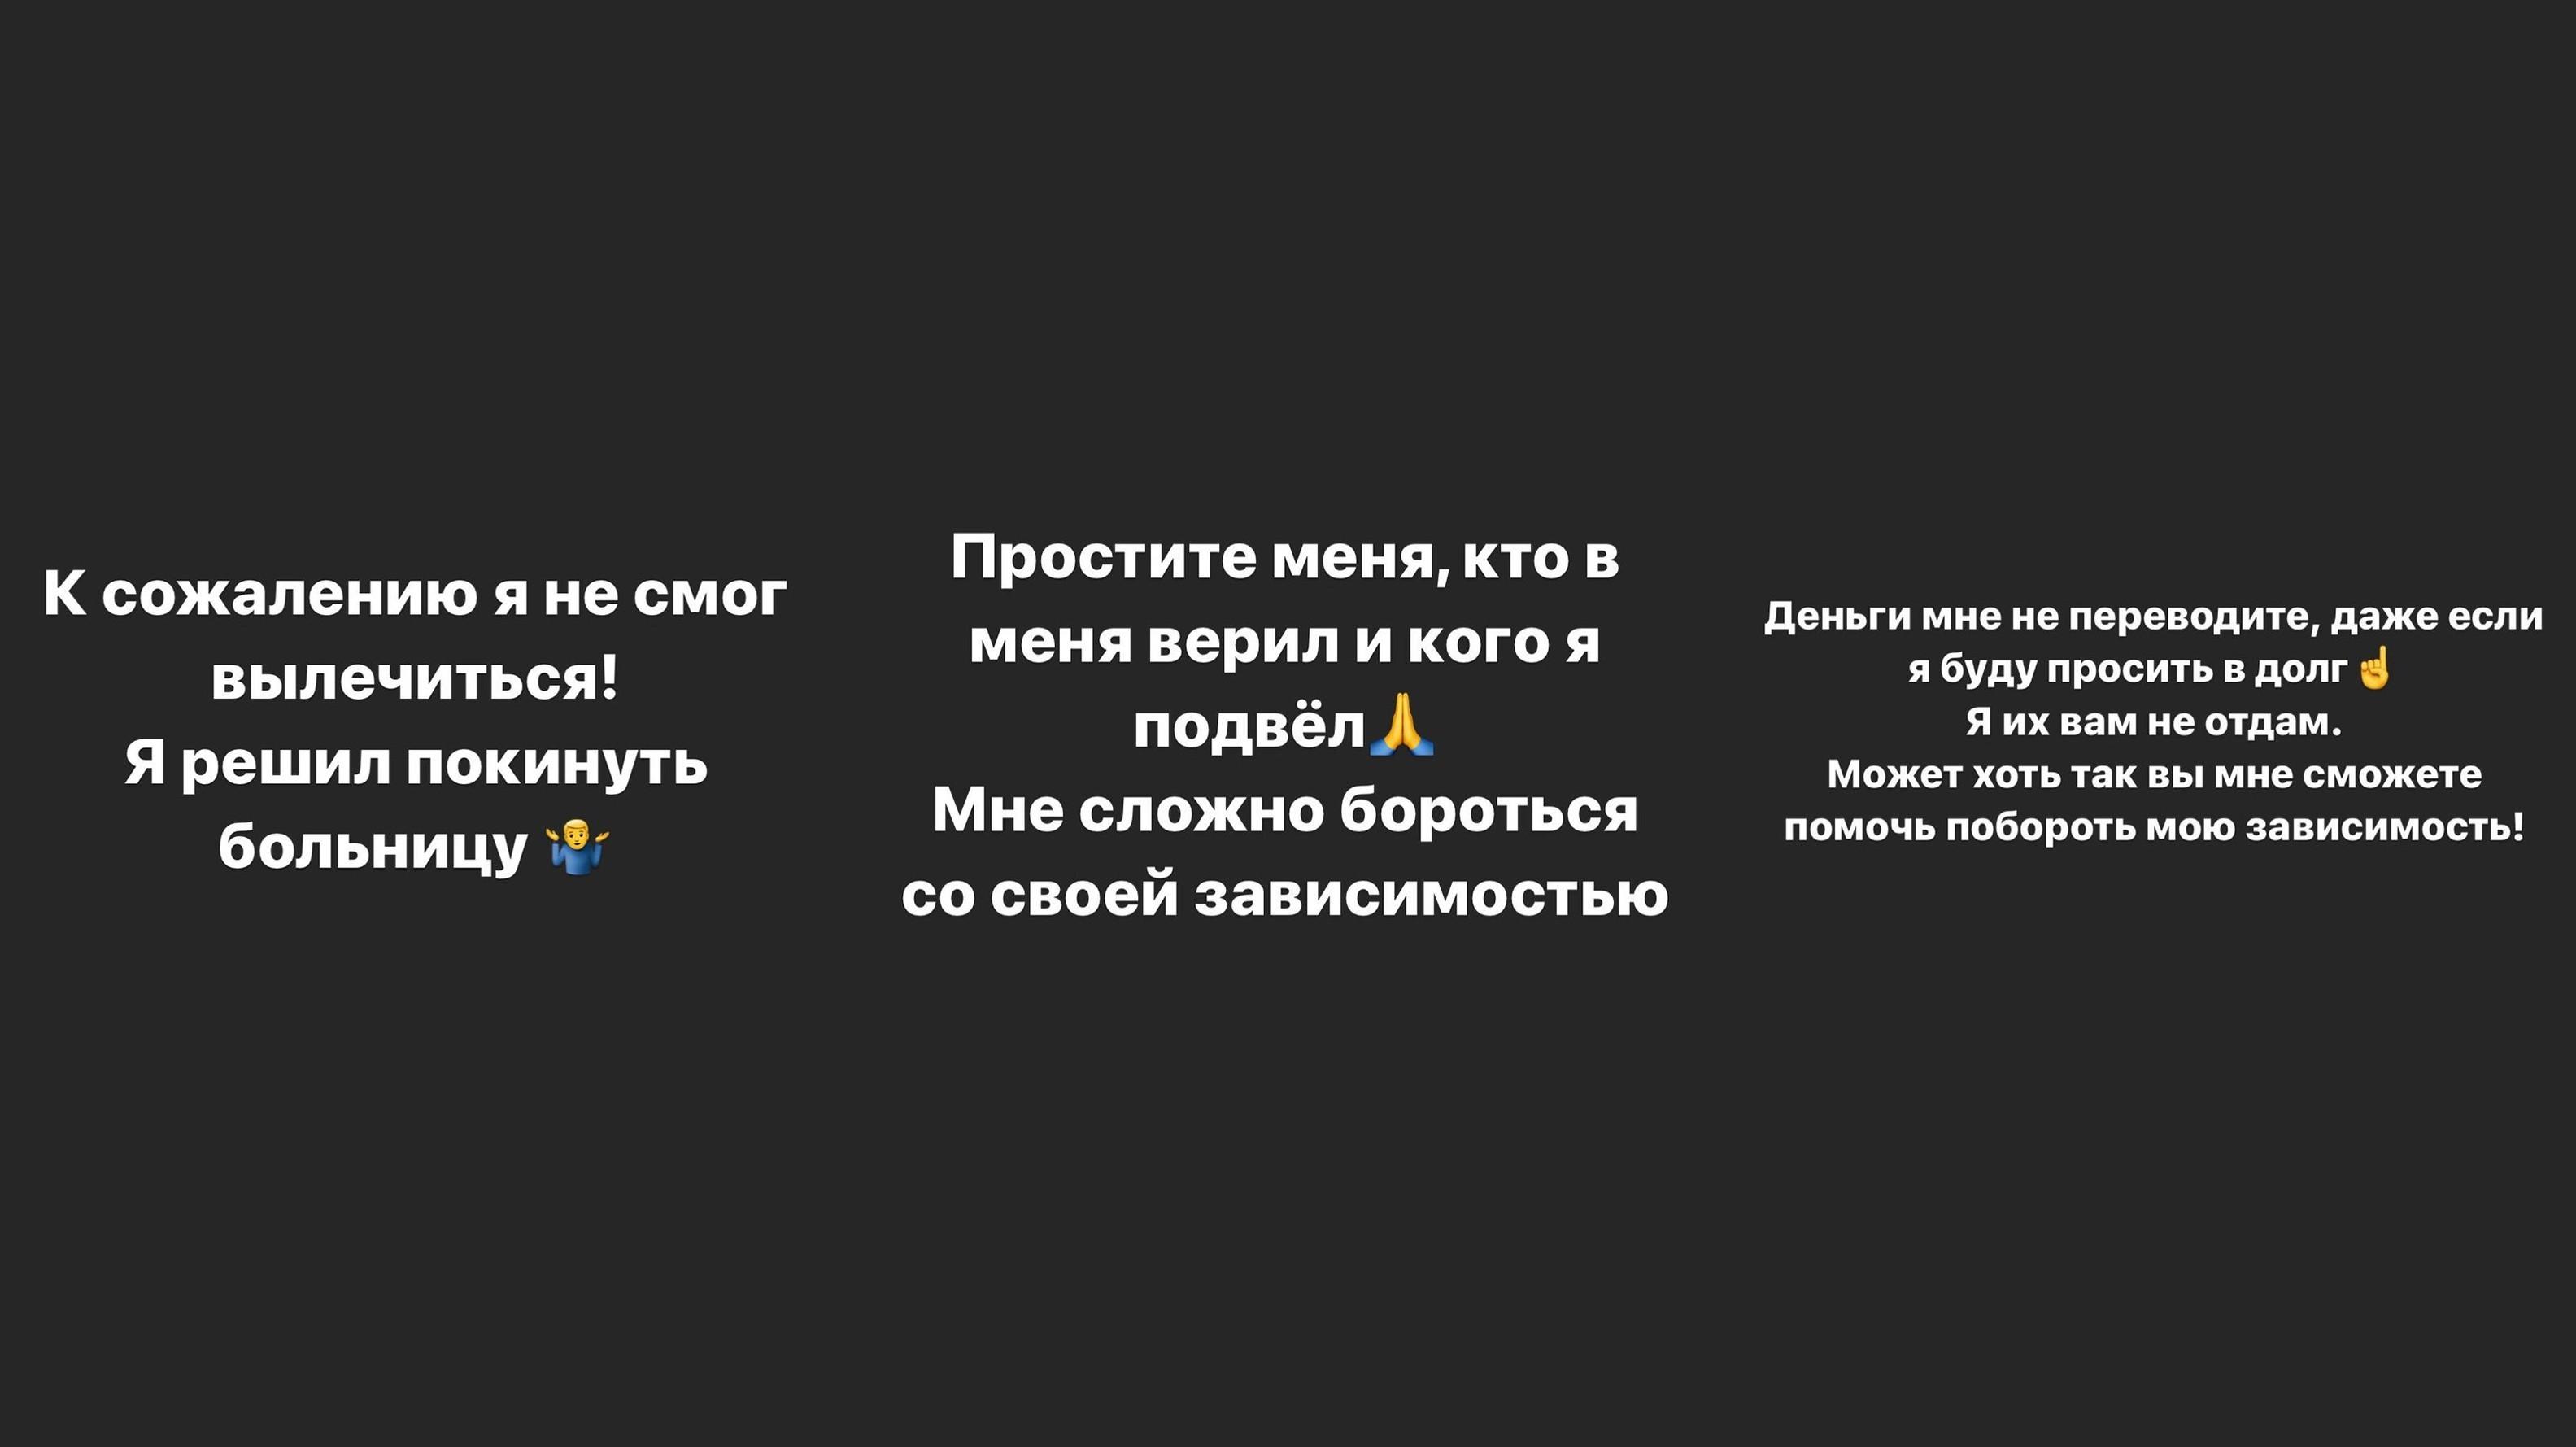 Брат Дани Милохина Илья сбежал из наркологической клиники